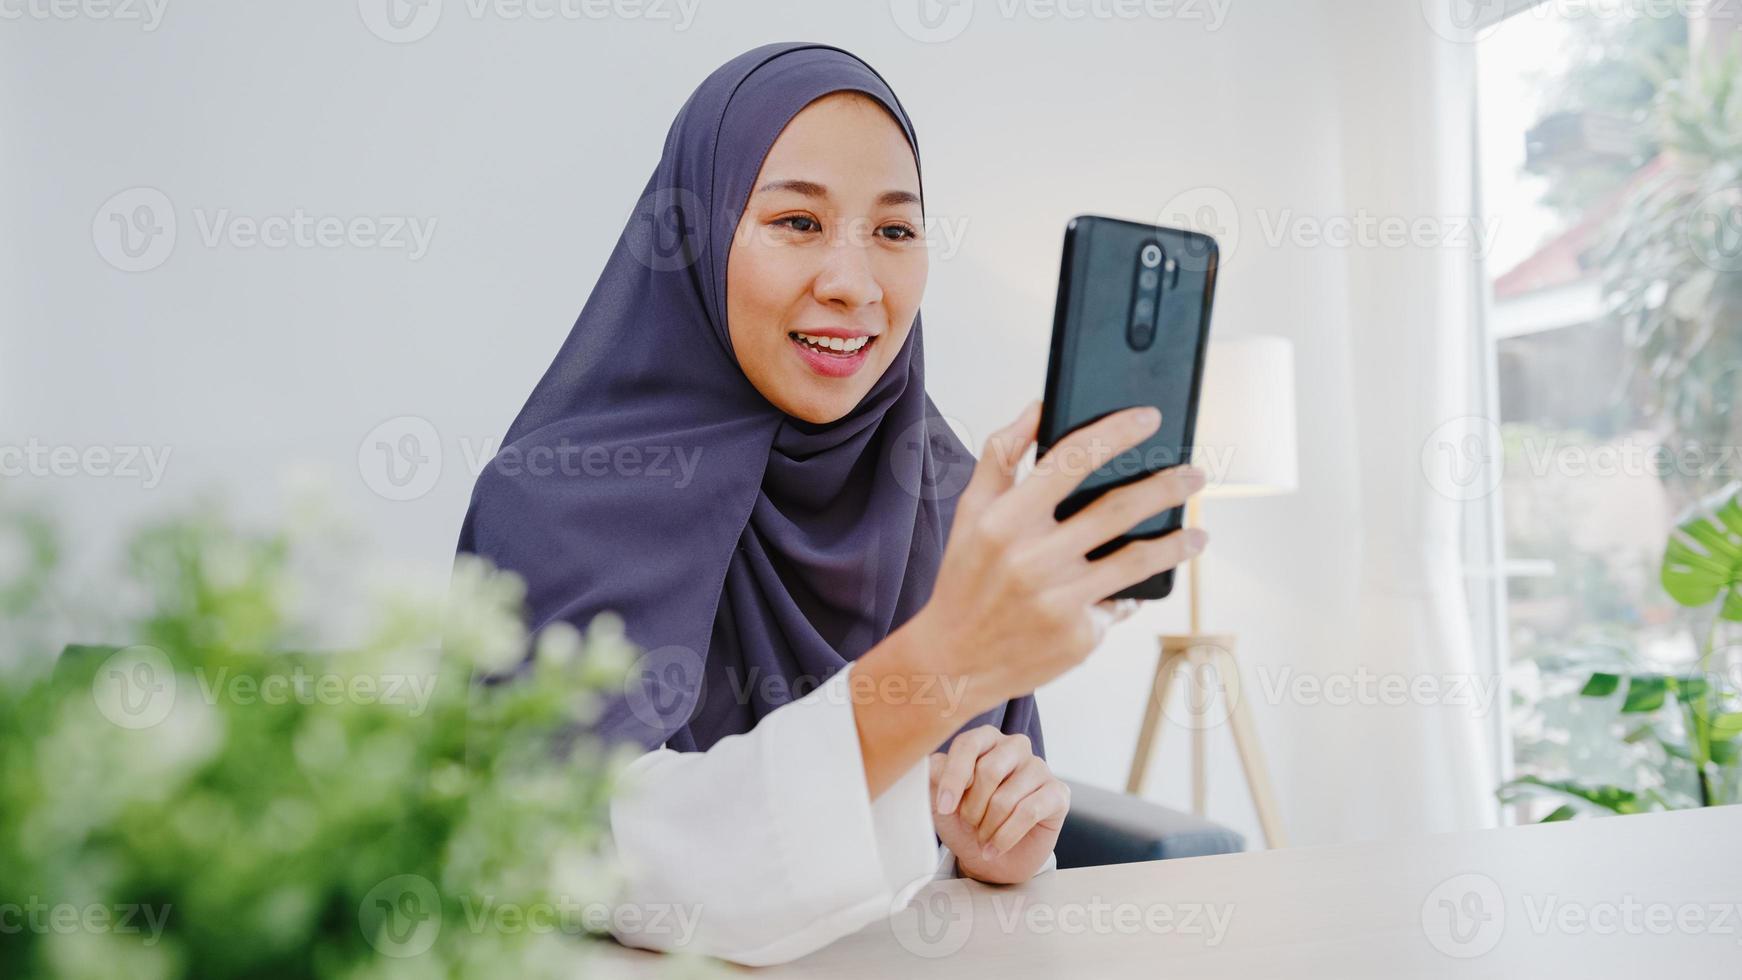 Joven empresaria musulmana asiática que usa un teléfono inteligente, habla con un amigo por videochat y realiza una lluvia de ideas en línea mientras trabaja de forma remota desde su casa en la sala de estar. distanciamiento social, cuarentena por coronavirus. foto